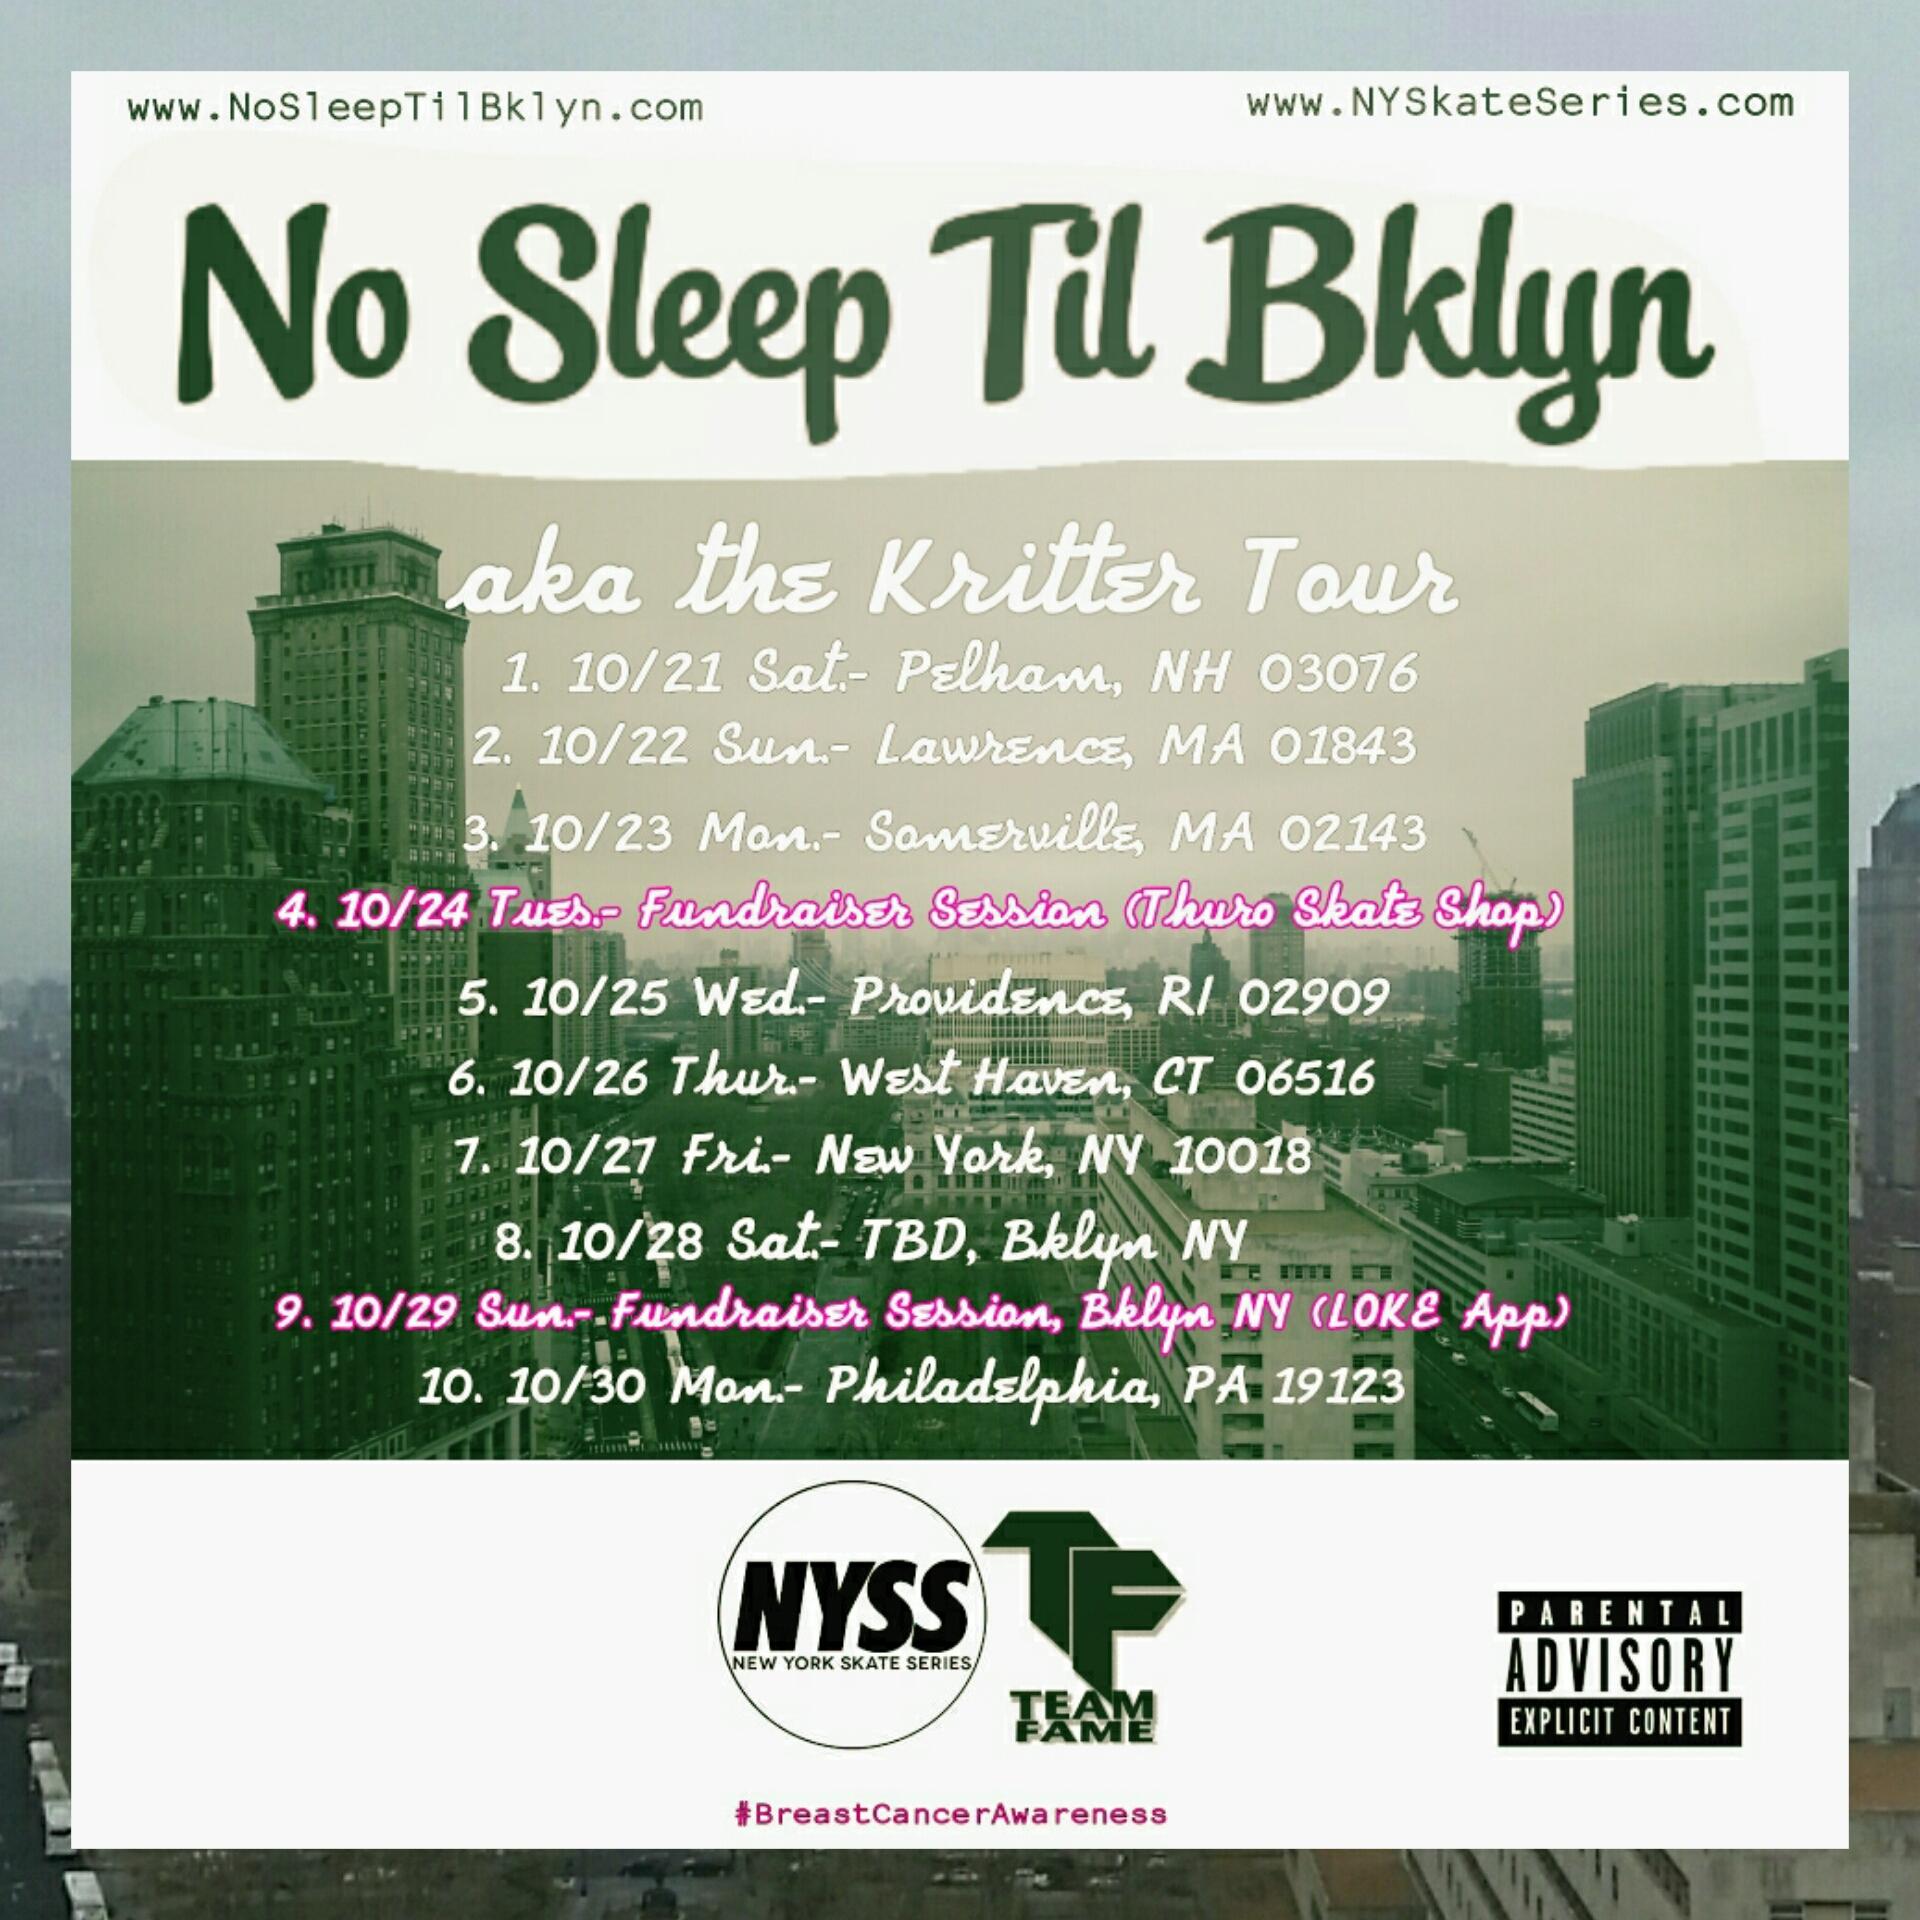 No Sleep Til Bklyn aka Kritter Tour